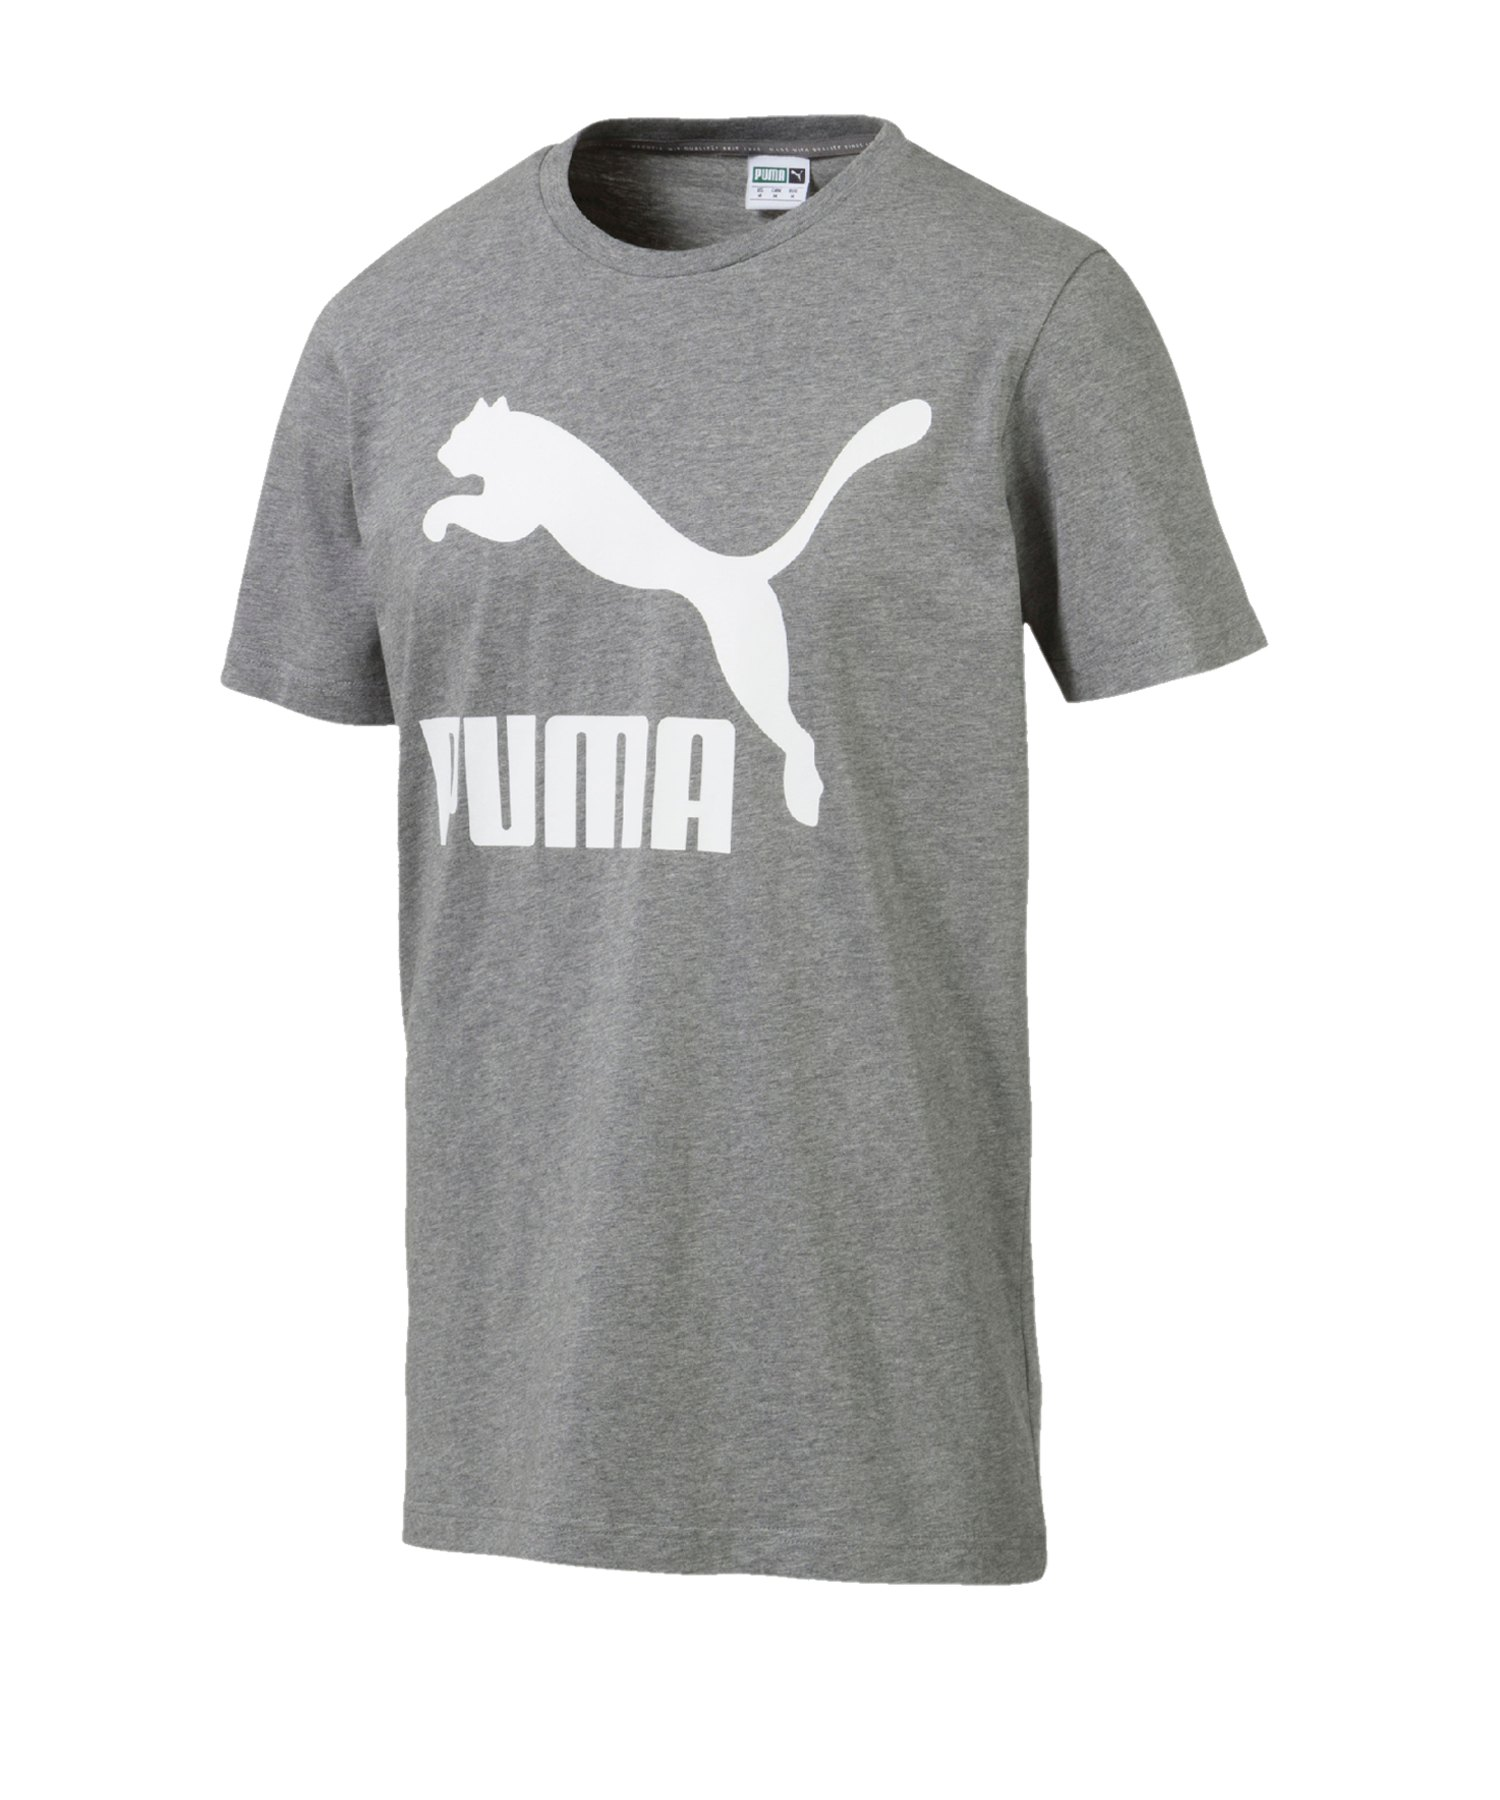 PUMA Classics Logo T-Shirt Grau F03 - Grau